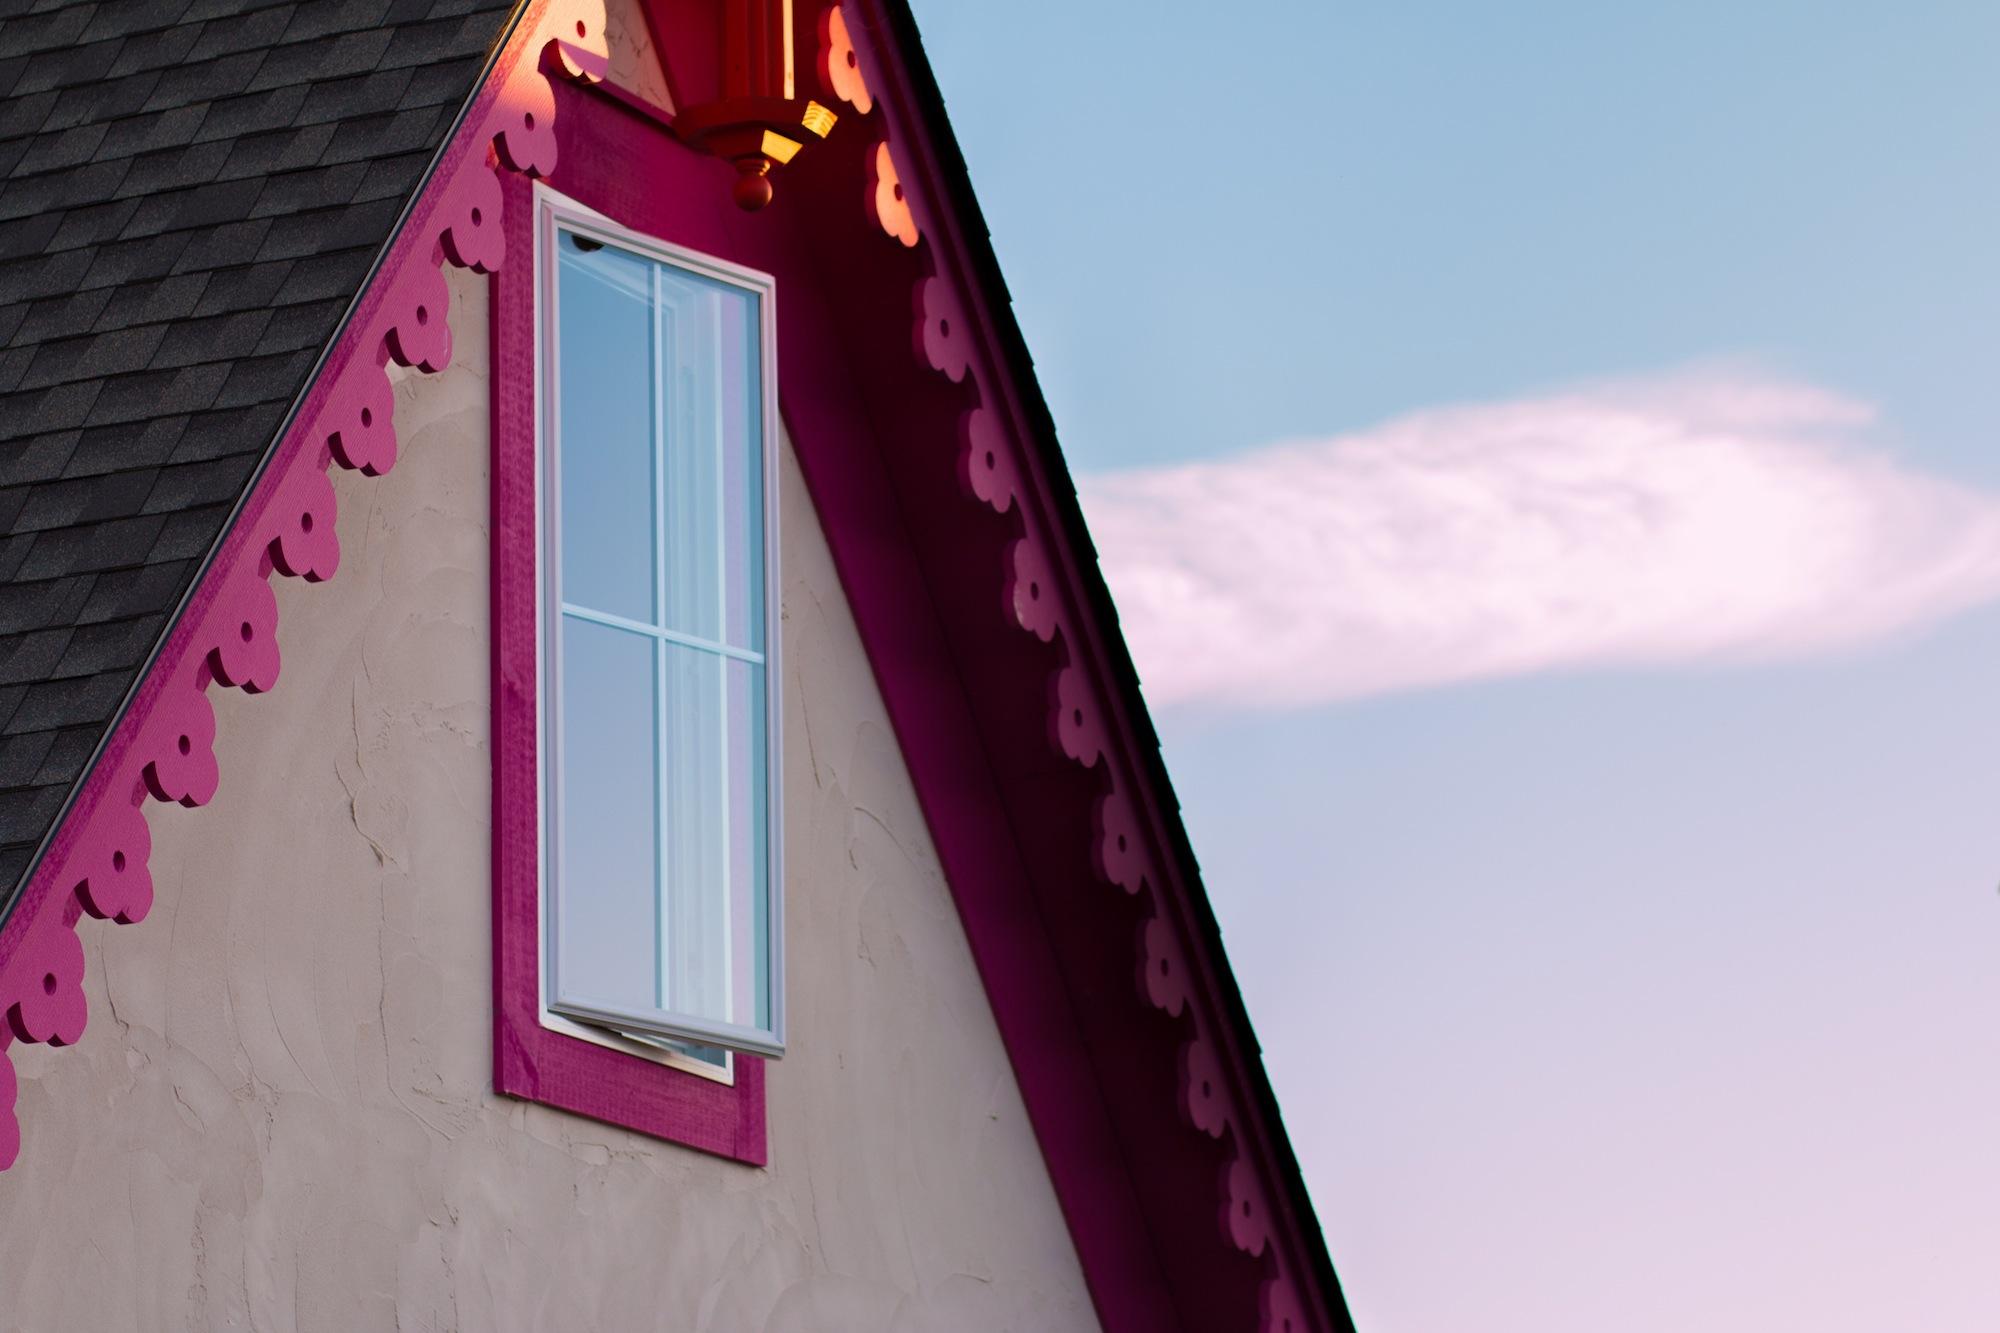 esco-digital-brand-web-development-boiceville-cottages-tiny-houses.JPG